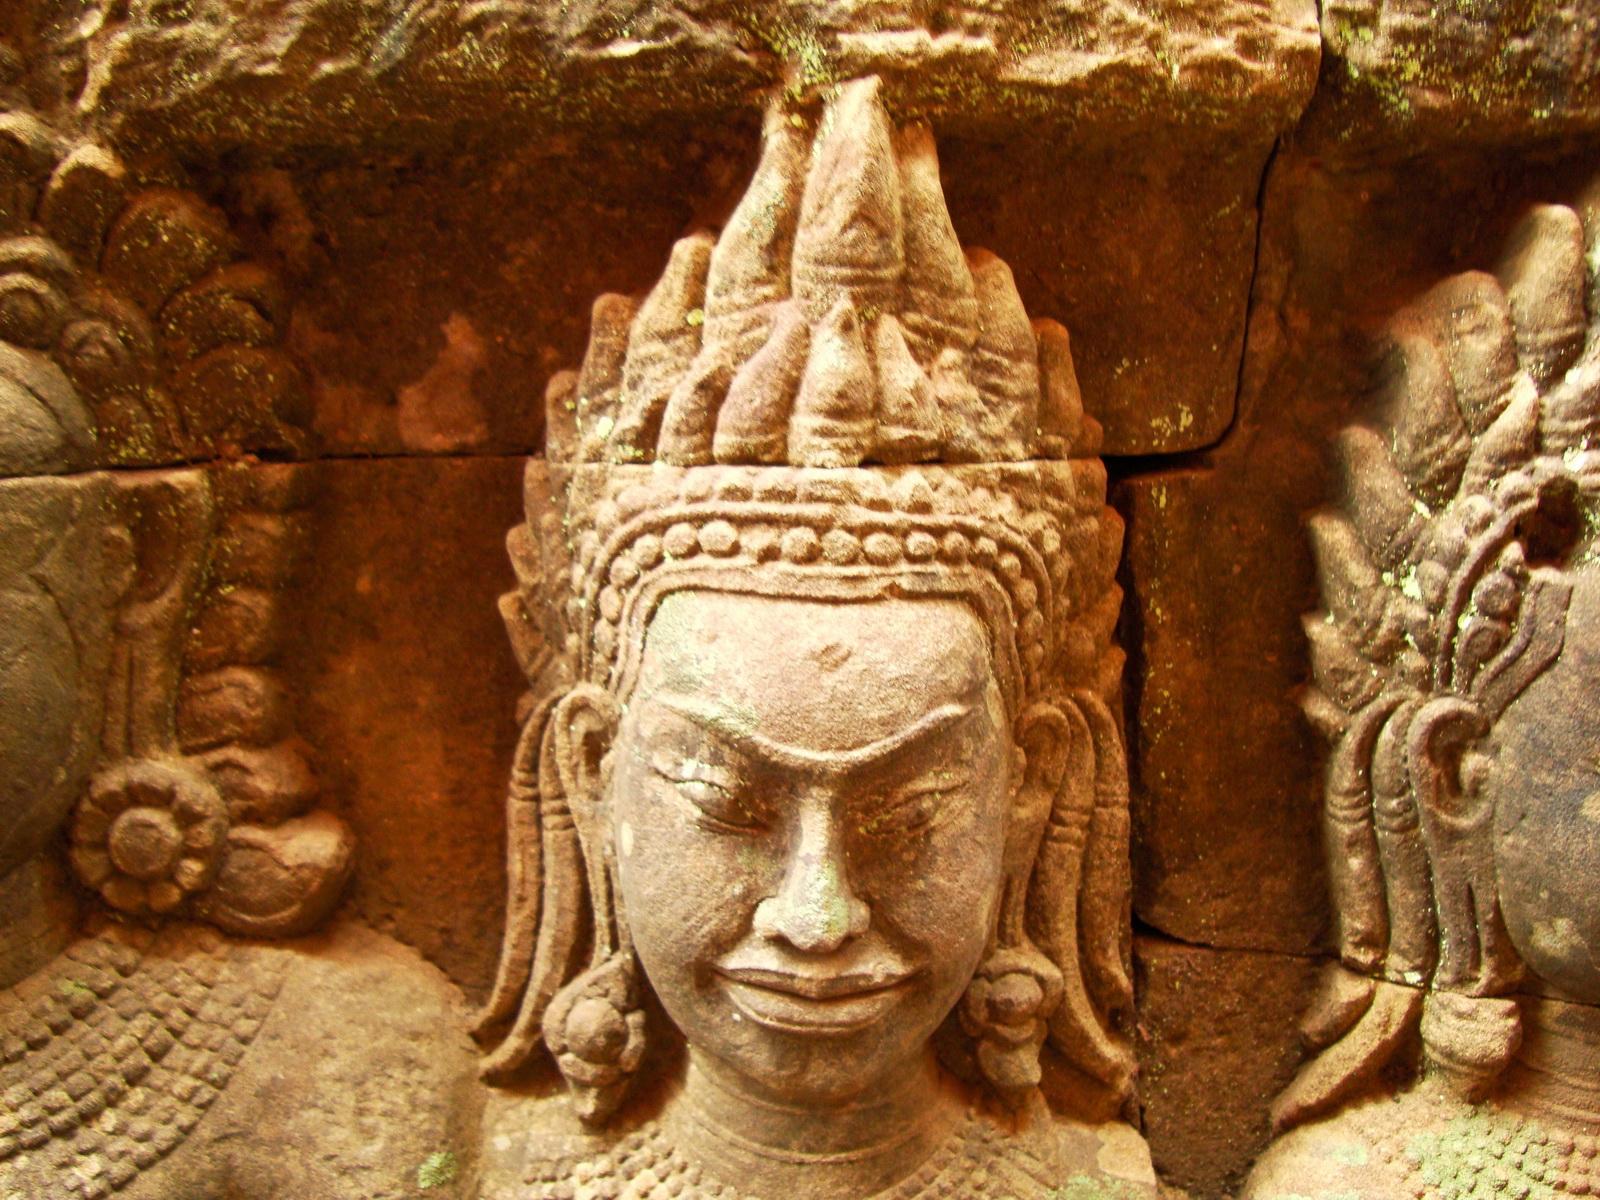 Leper King Terrace hidden wall underworld Nagas and deities 143